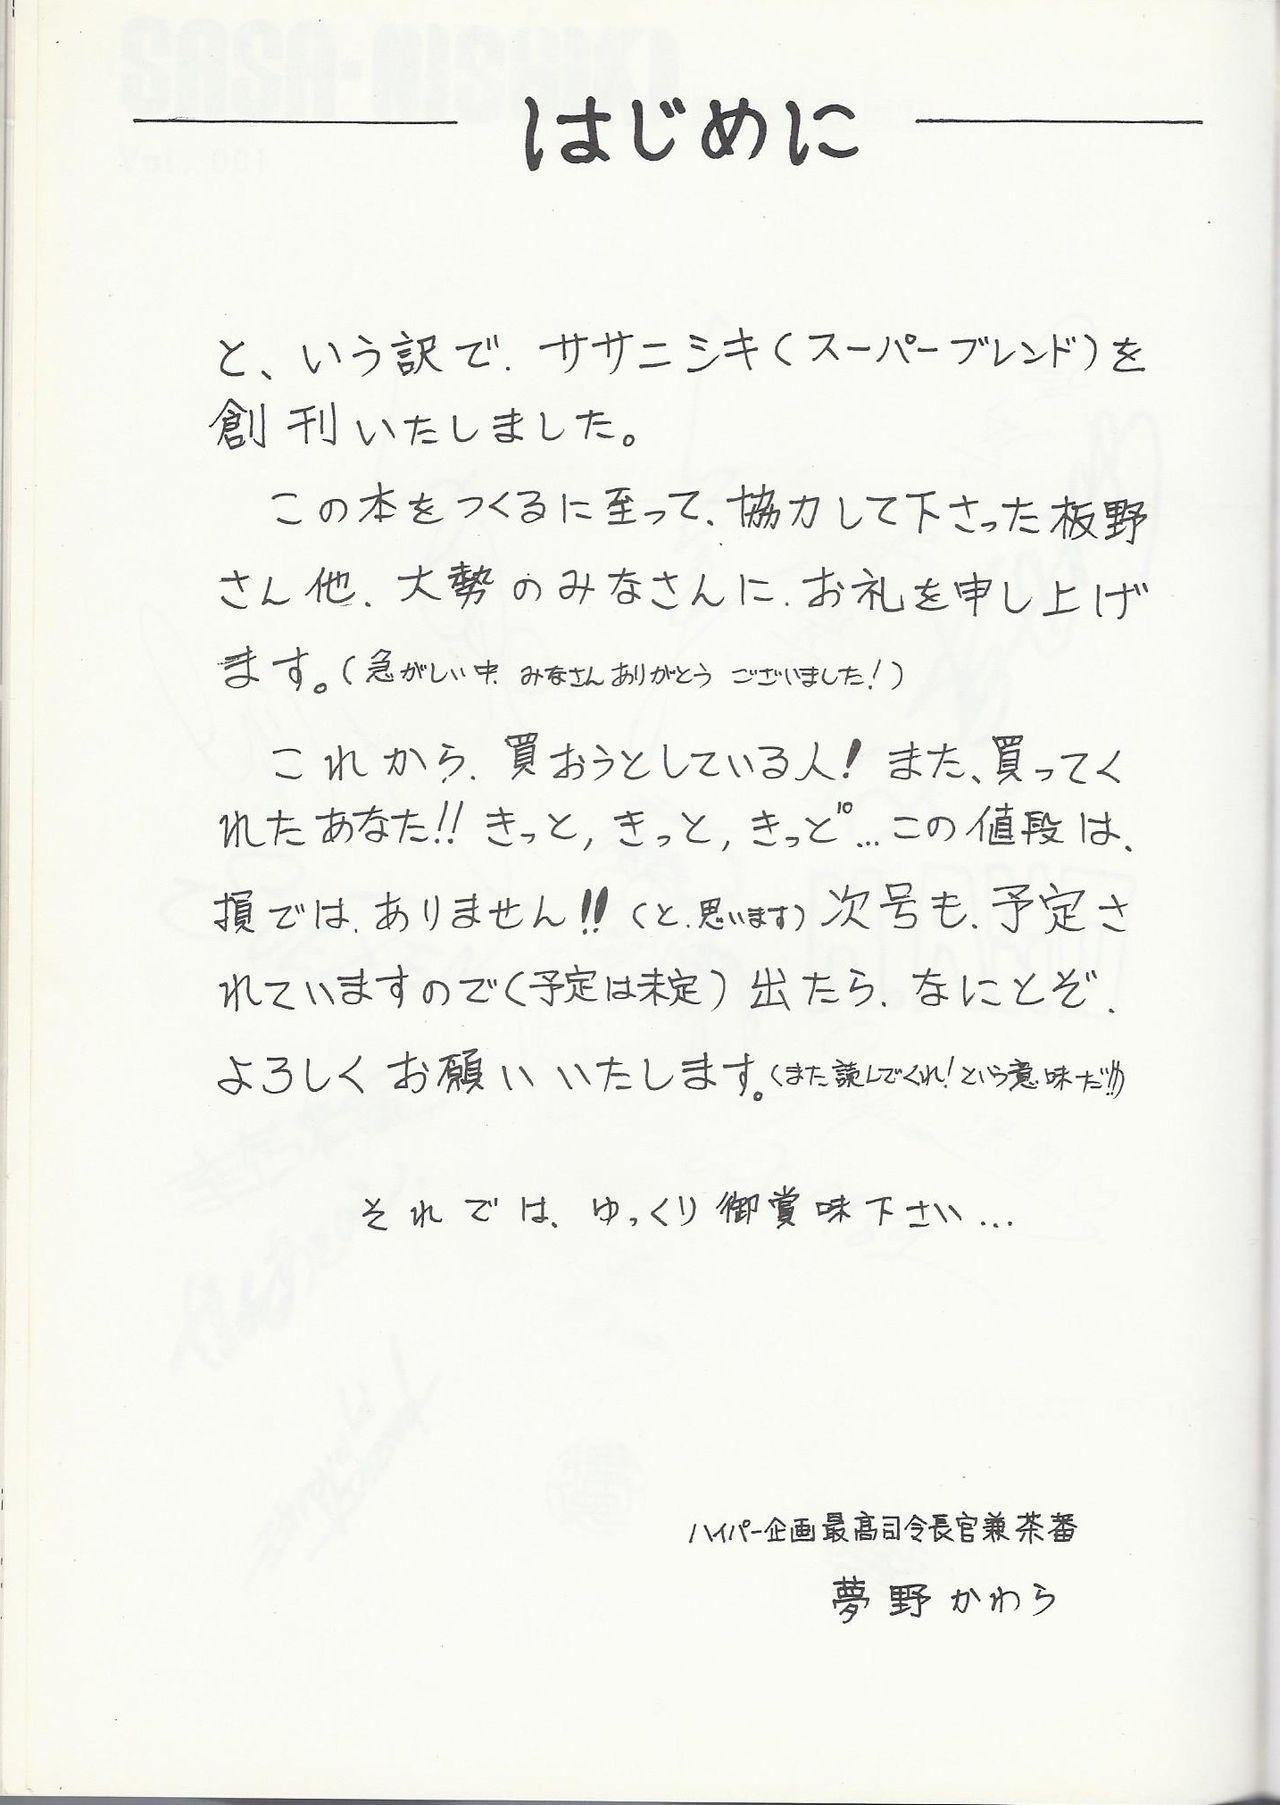 Studio DAST - SASA-NISHIKI SUPER-BLEND. 001. 1